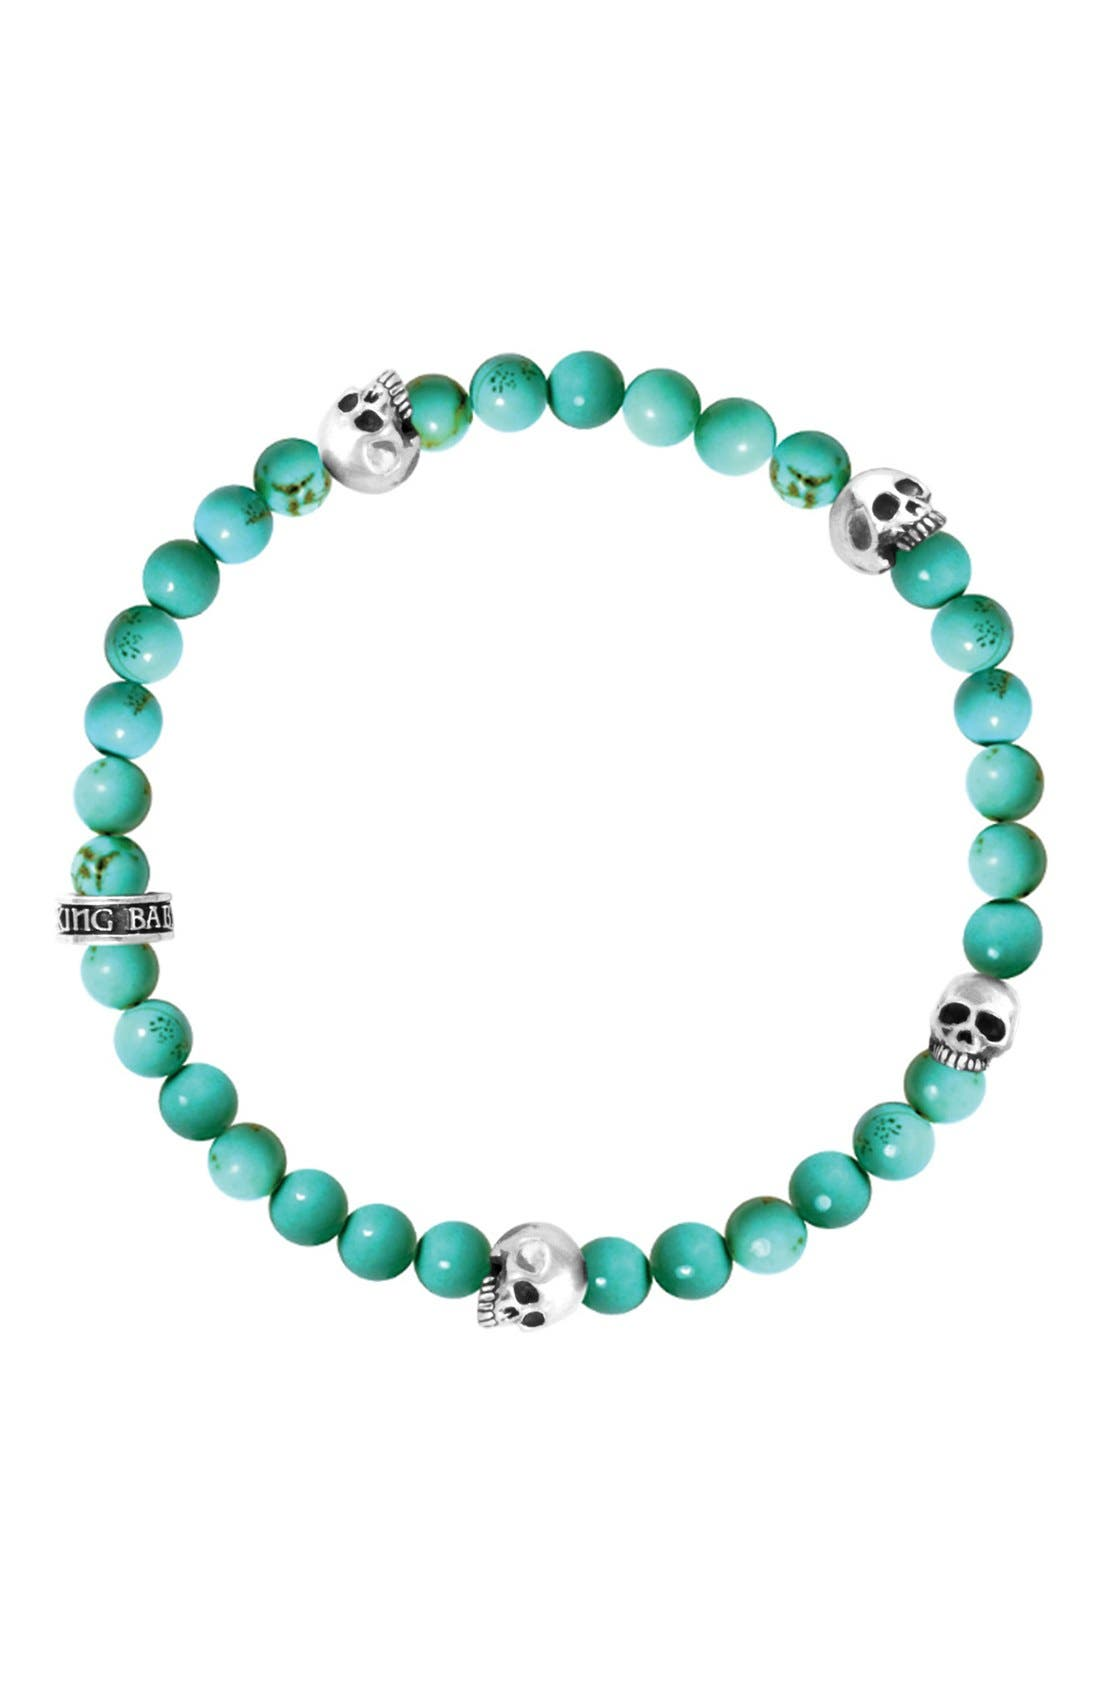 Main Image - King Baby Turquoise Bead Bracelet